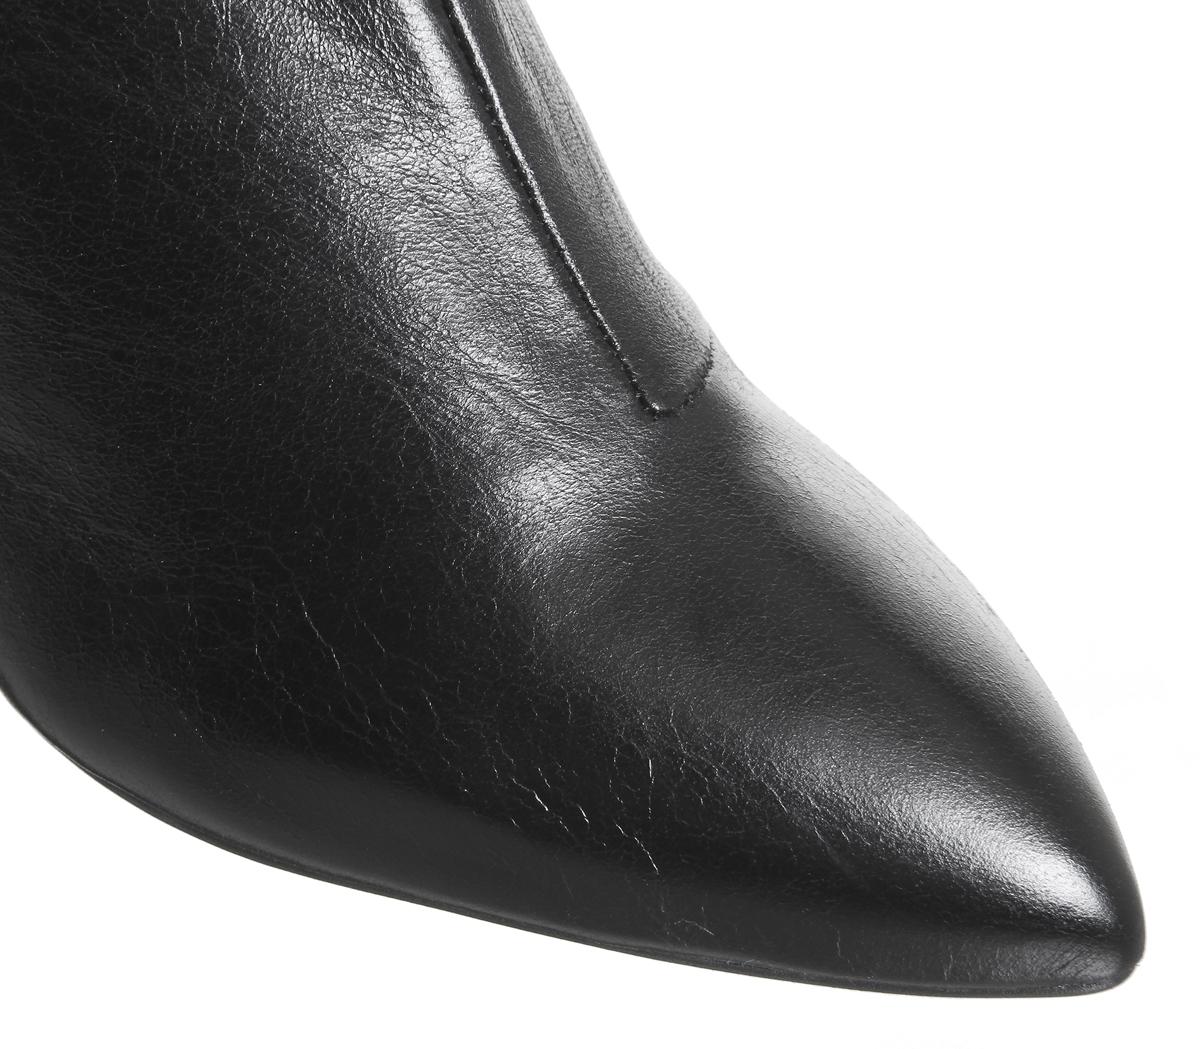 curvo Office de con Kosmo la Botas mujer a negro cuero para rodilla tacón qB1RwX0x